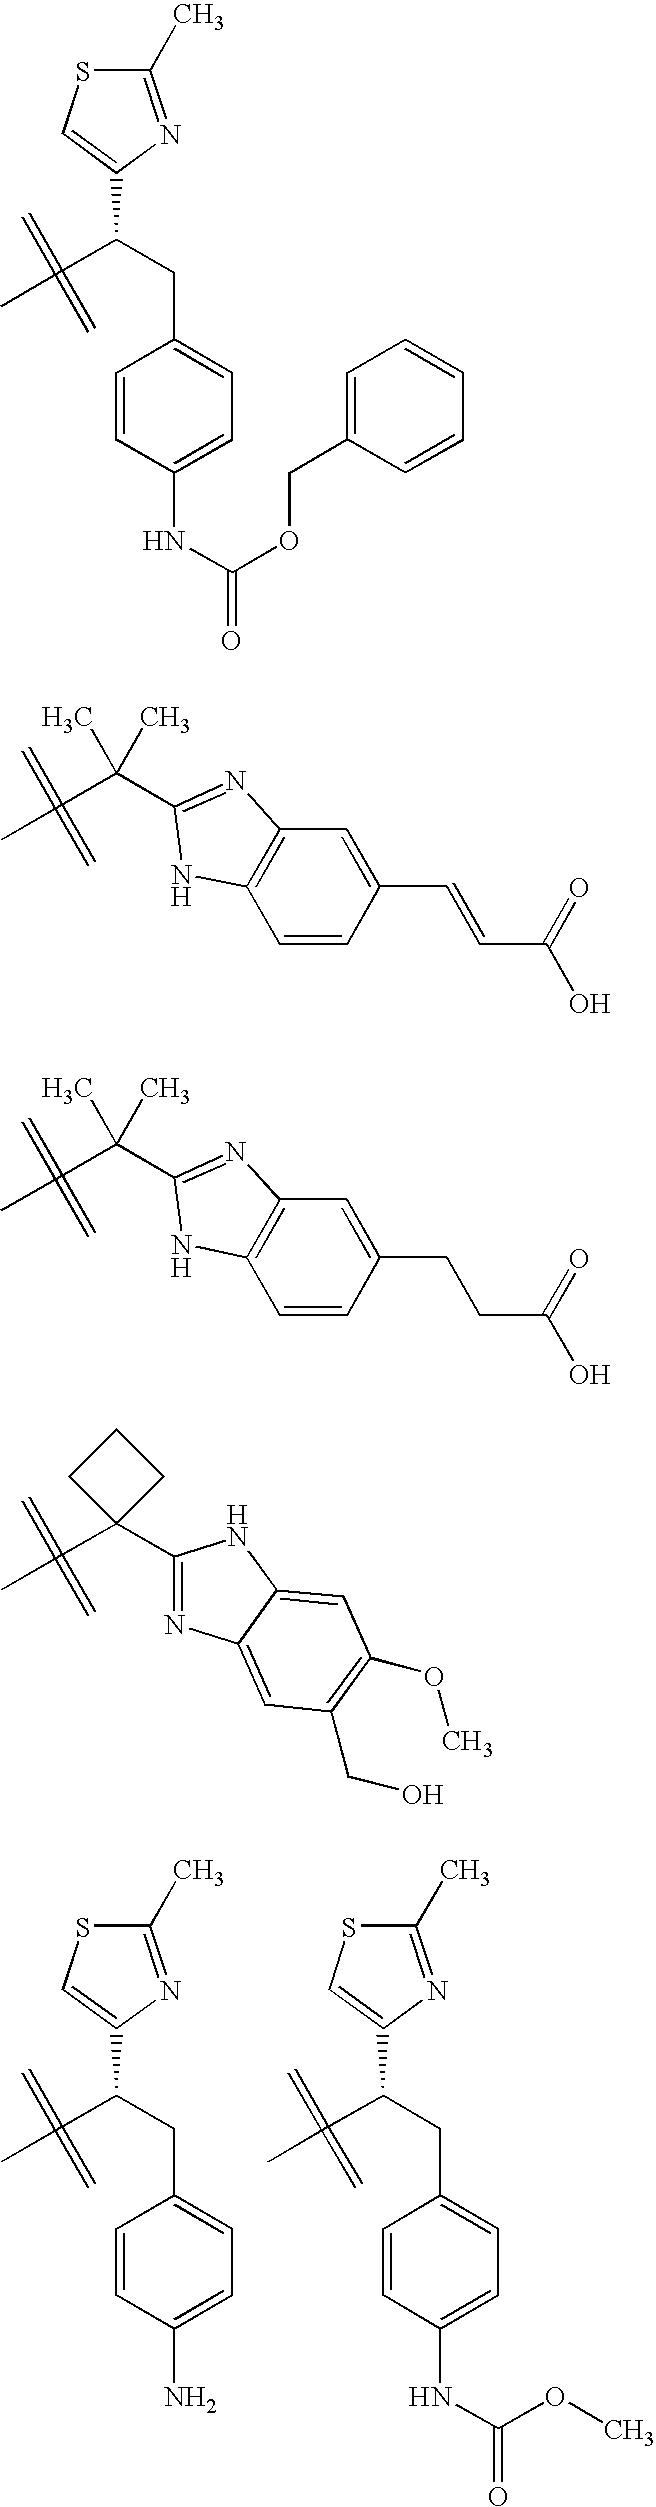 Figure US20070049593A1-20070301-C00192